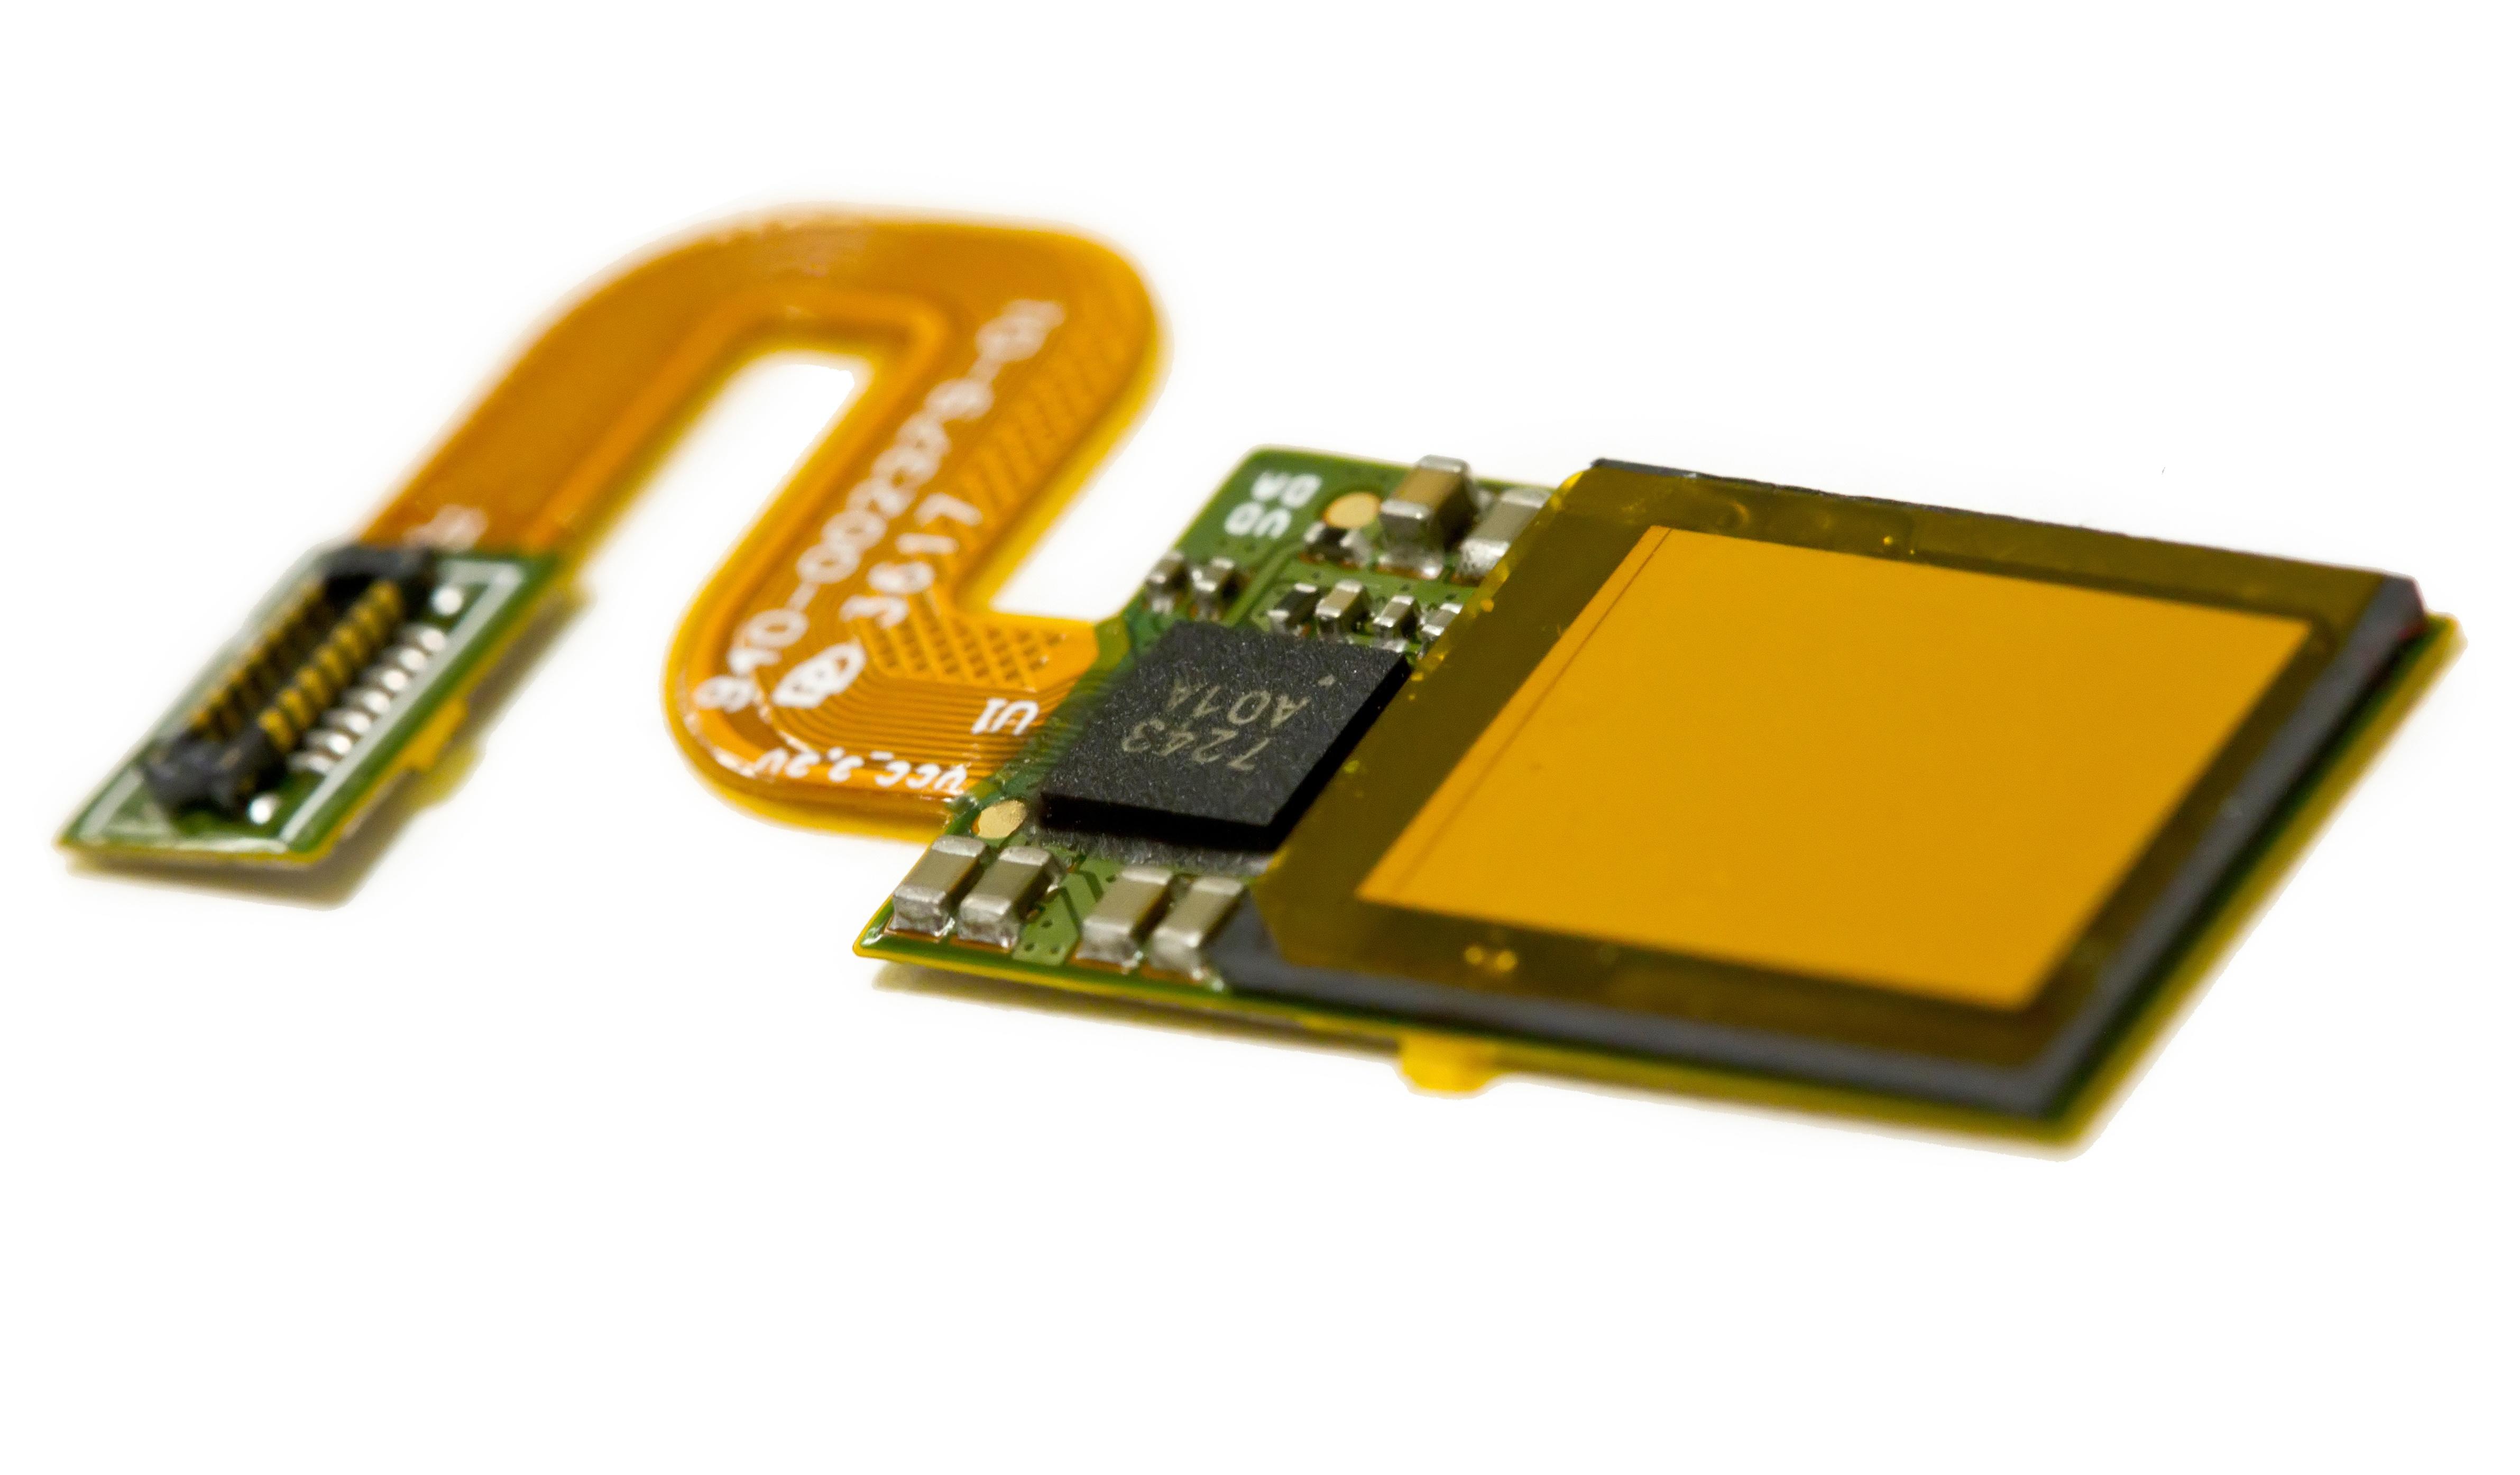 finger print sensor